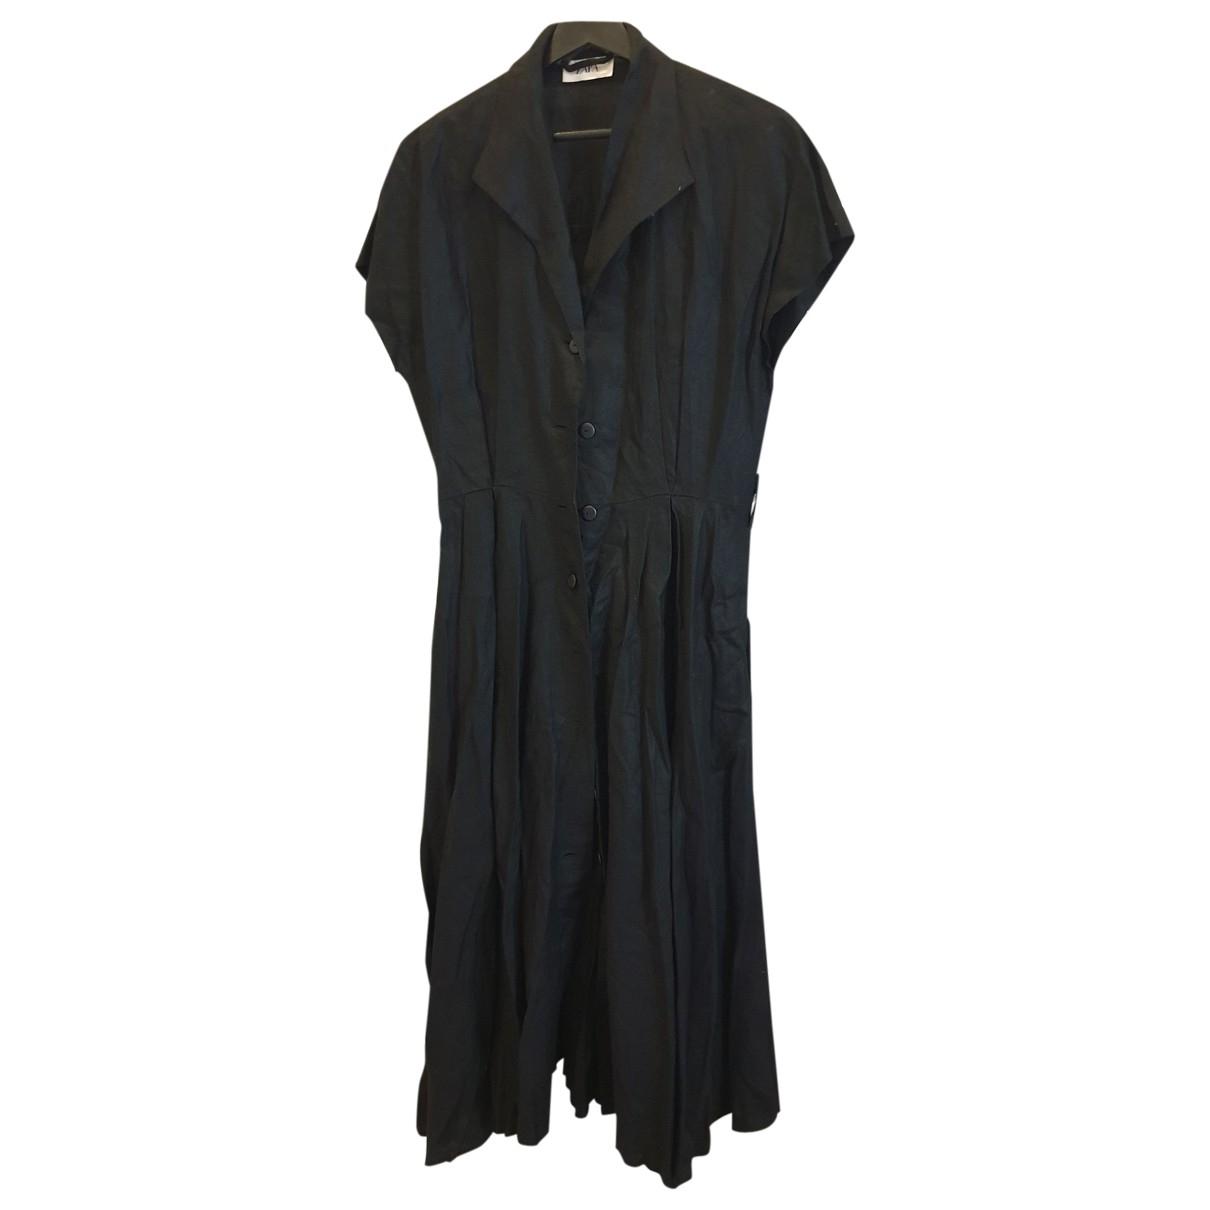 Zapa \N Black Linen dress for Women 42 FR